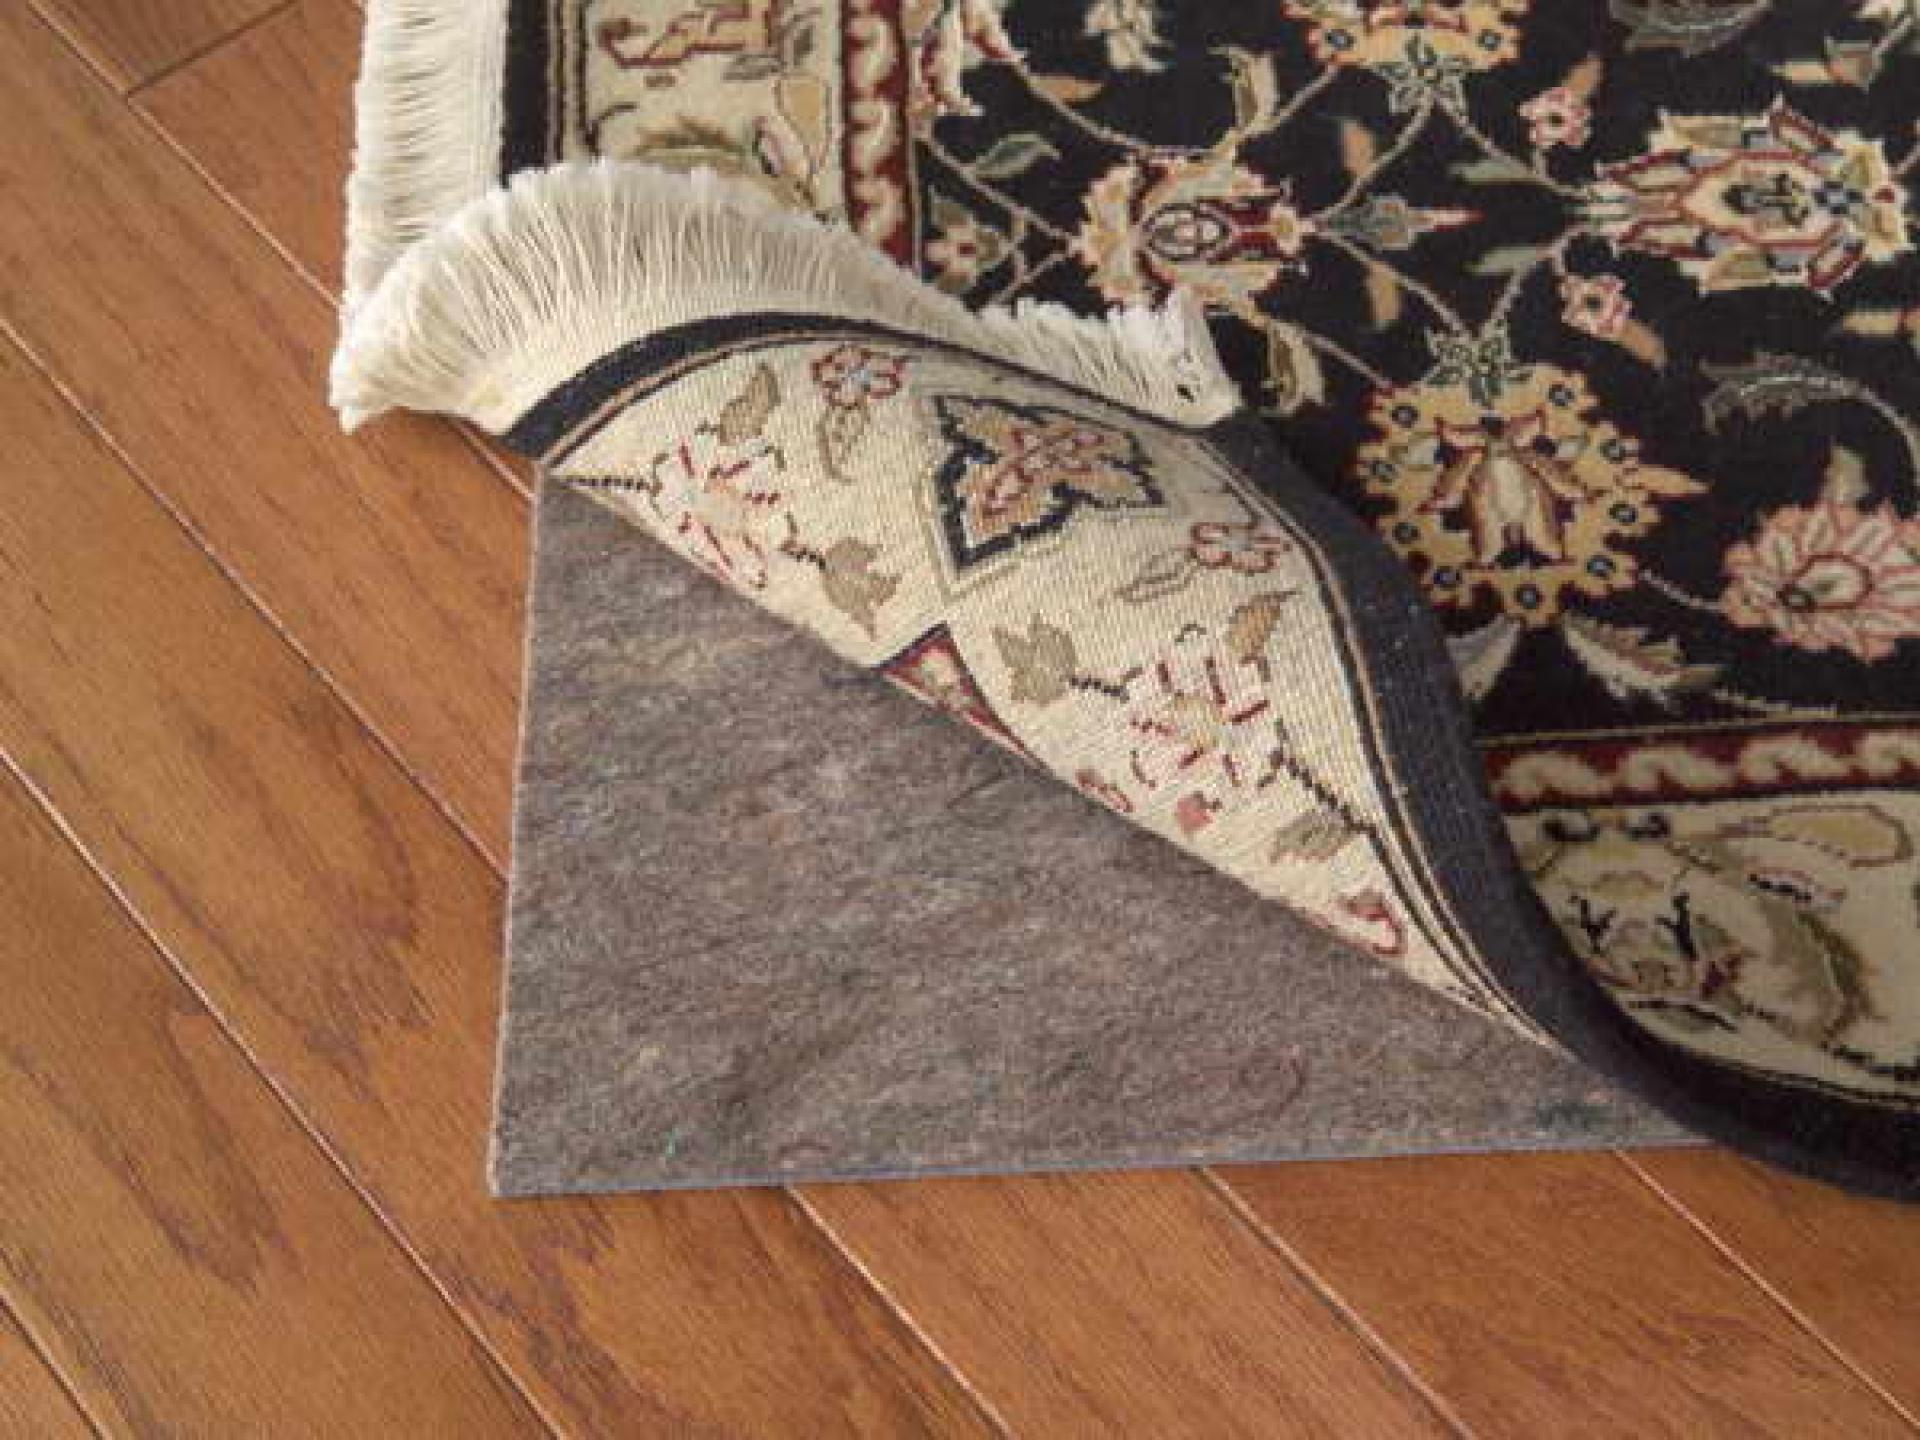 Best Rug Pad For Hardwood Floors rugpro Best Rug Pads For Hardwood Floors From Natural Fiber In Home Interior Placed Under Black Rug